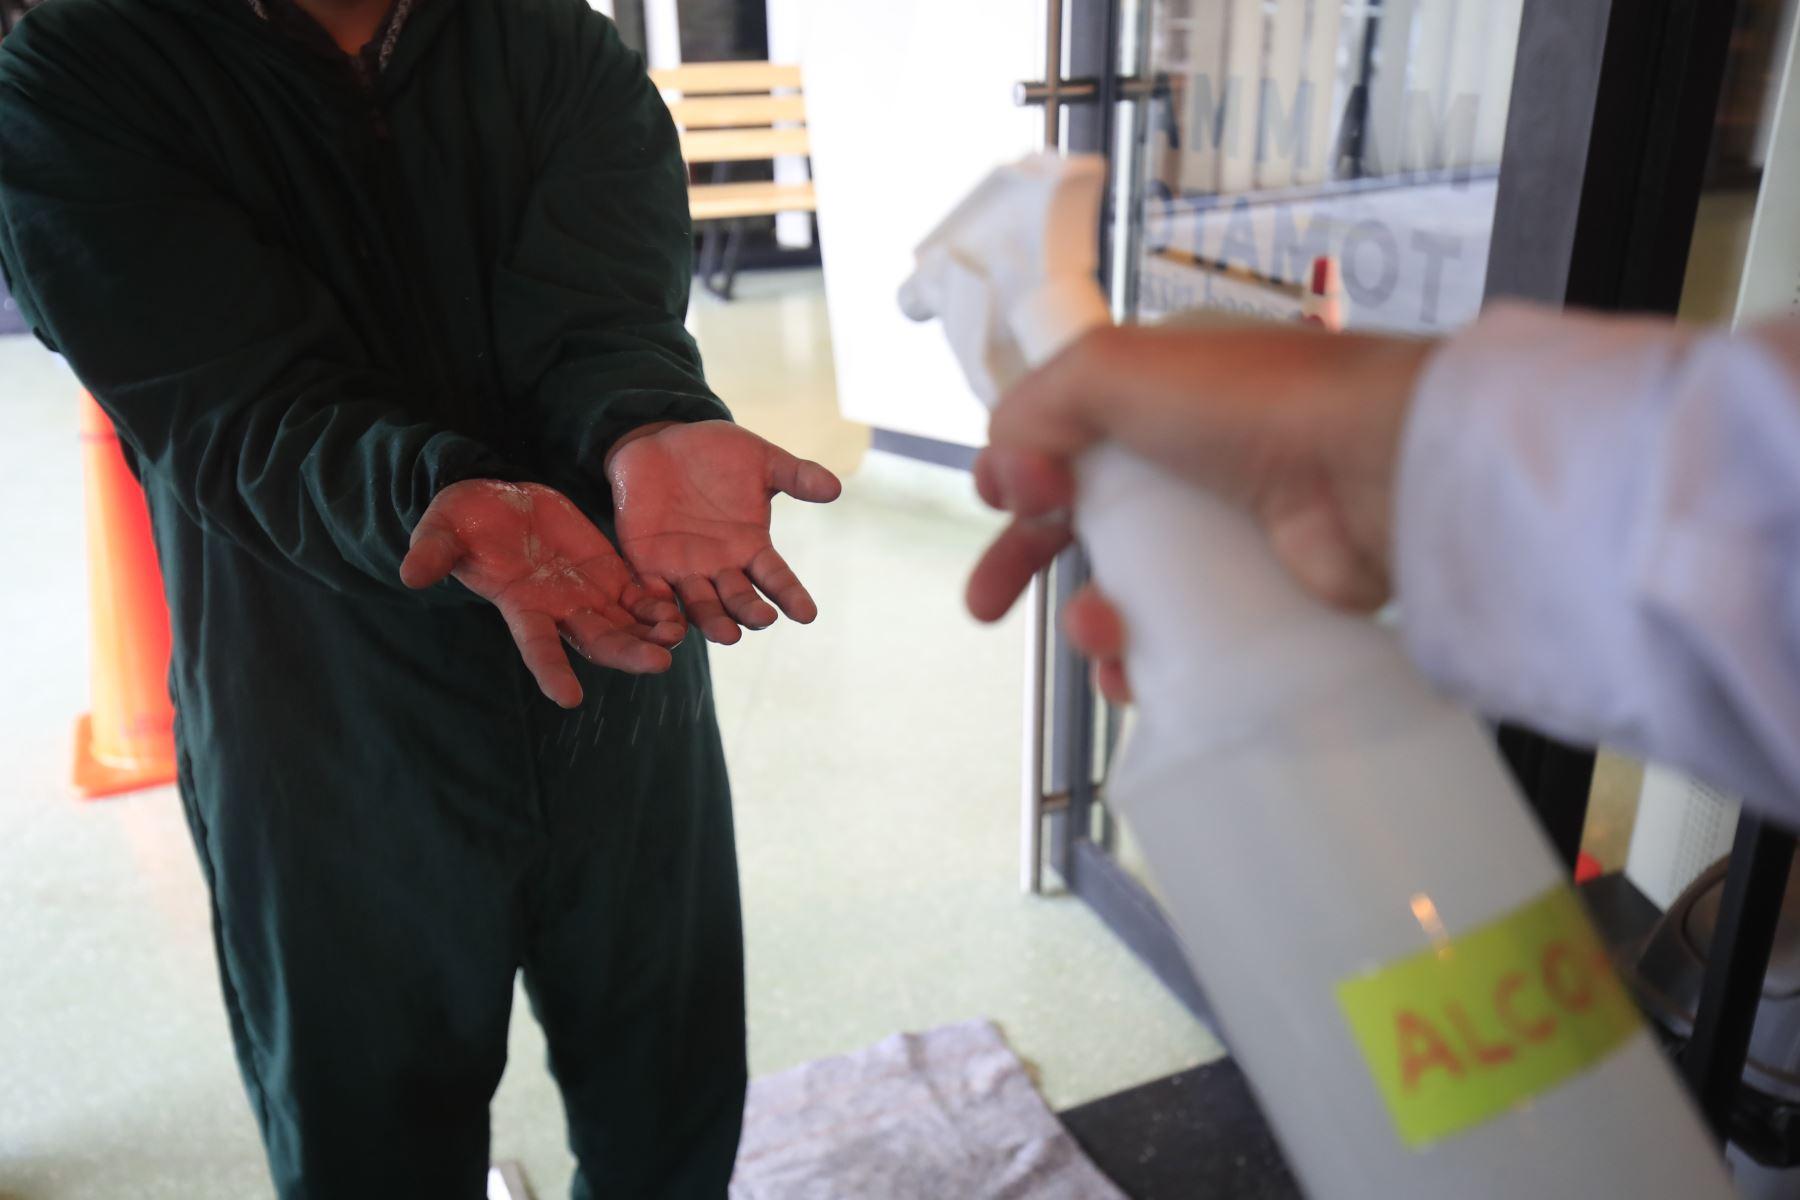 """Pizzería """" Mamma Tomato"""" reanuda sus actividades económicas, cuidando los protocolos   sanitarios,  en el marco de la implementación de la fase 3 mediante el Decreto Supremo 117-2020-PCM  promulgada  para combatir el covid – 19. Foto: ANDINA/Juan Carlos Guzmán"""